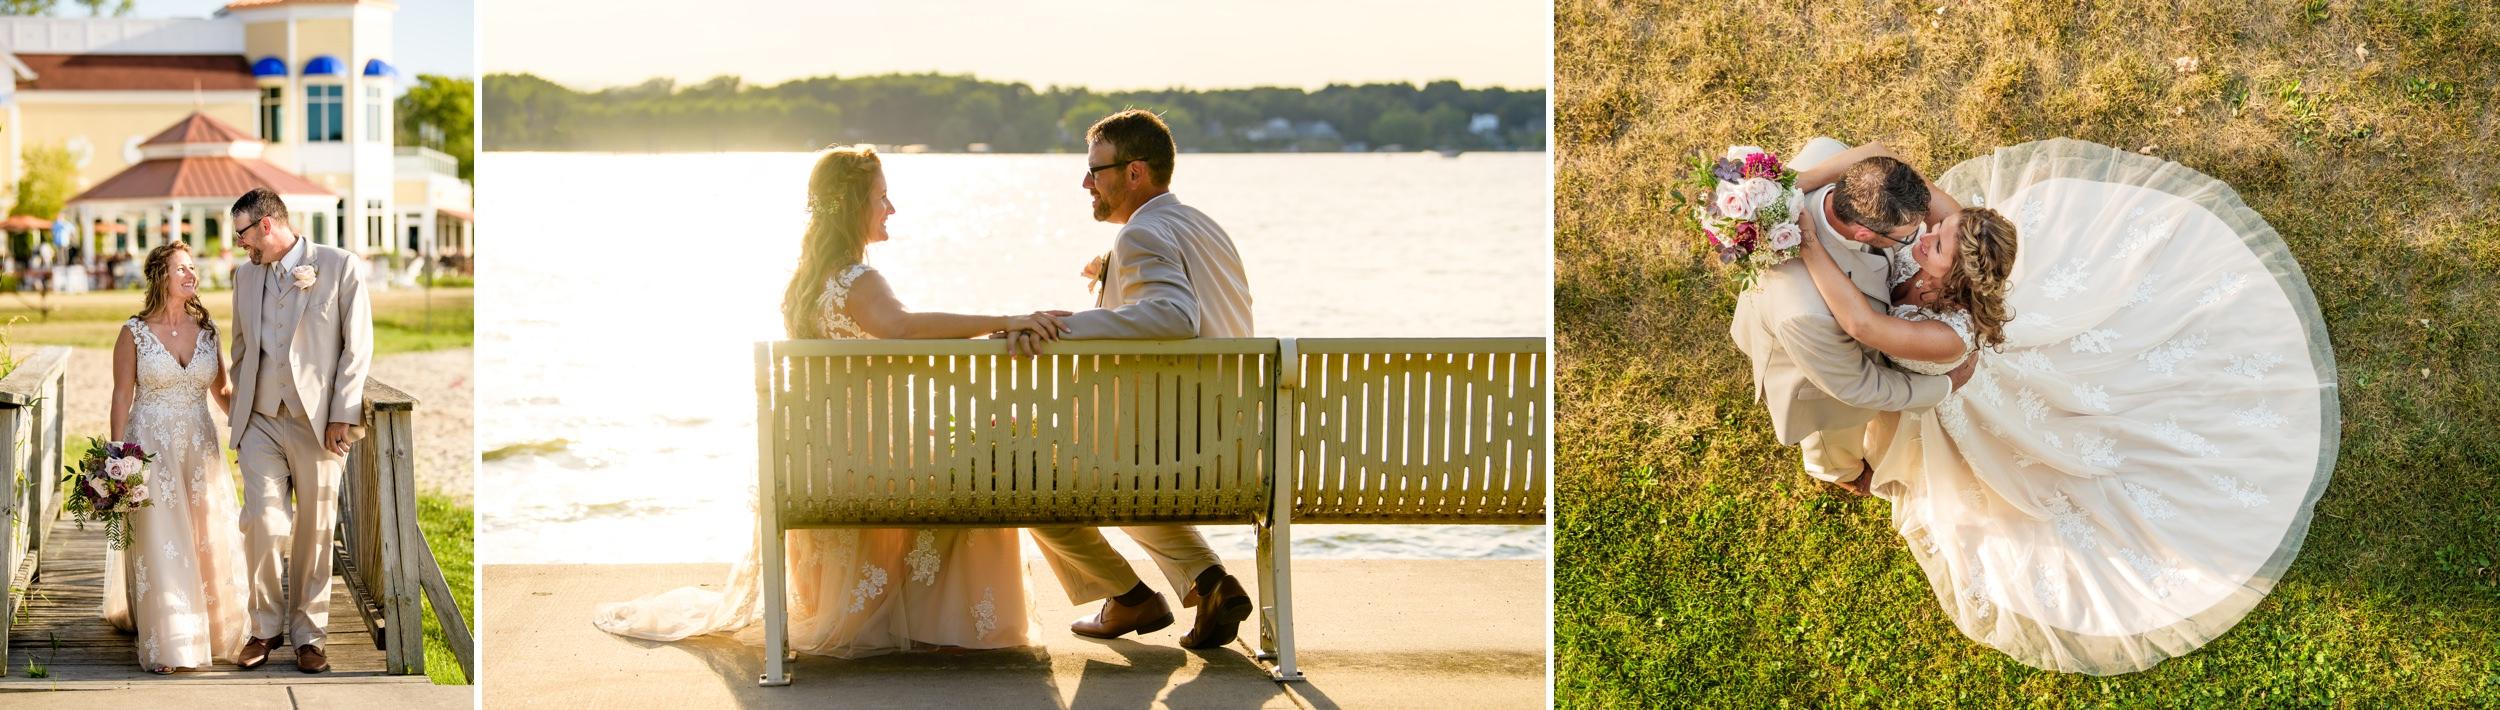 Romantic wedding photos along the lakefront at Cedar Lake.